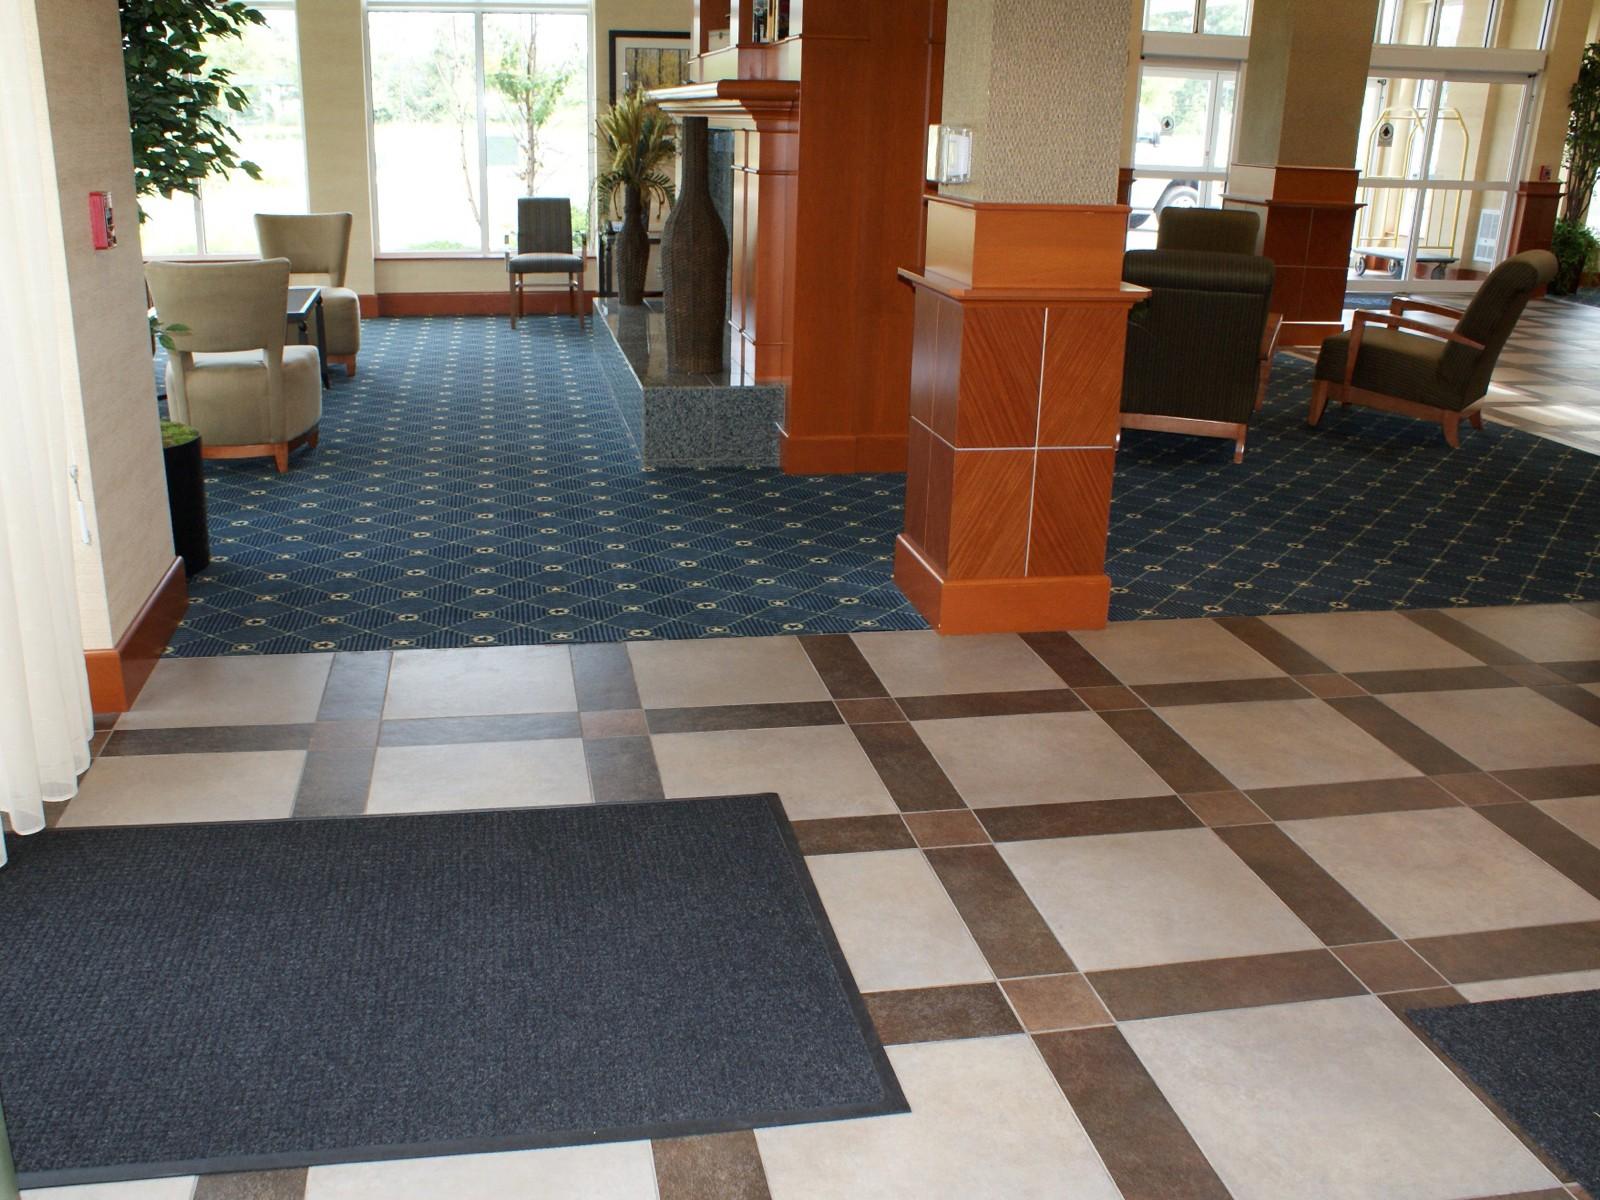 Hilton Garden Inn | Flooring Installation System